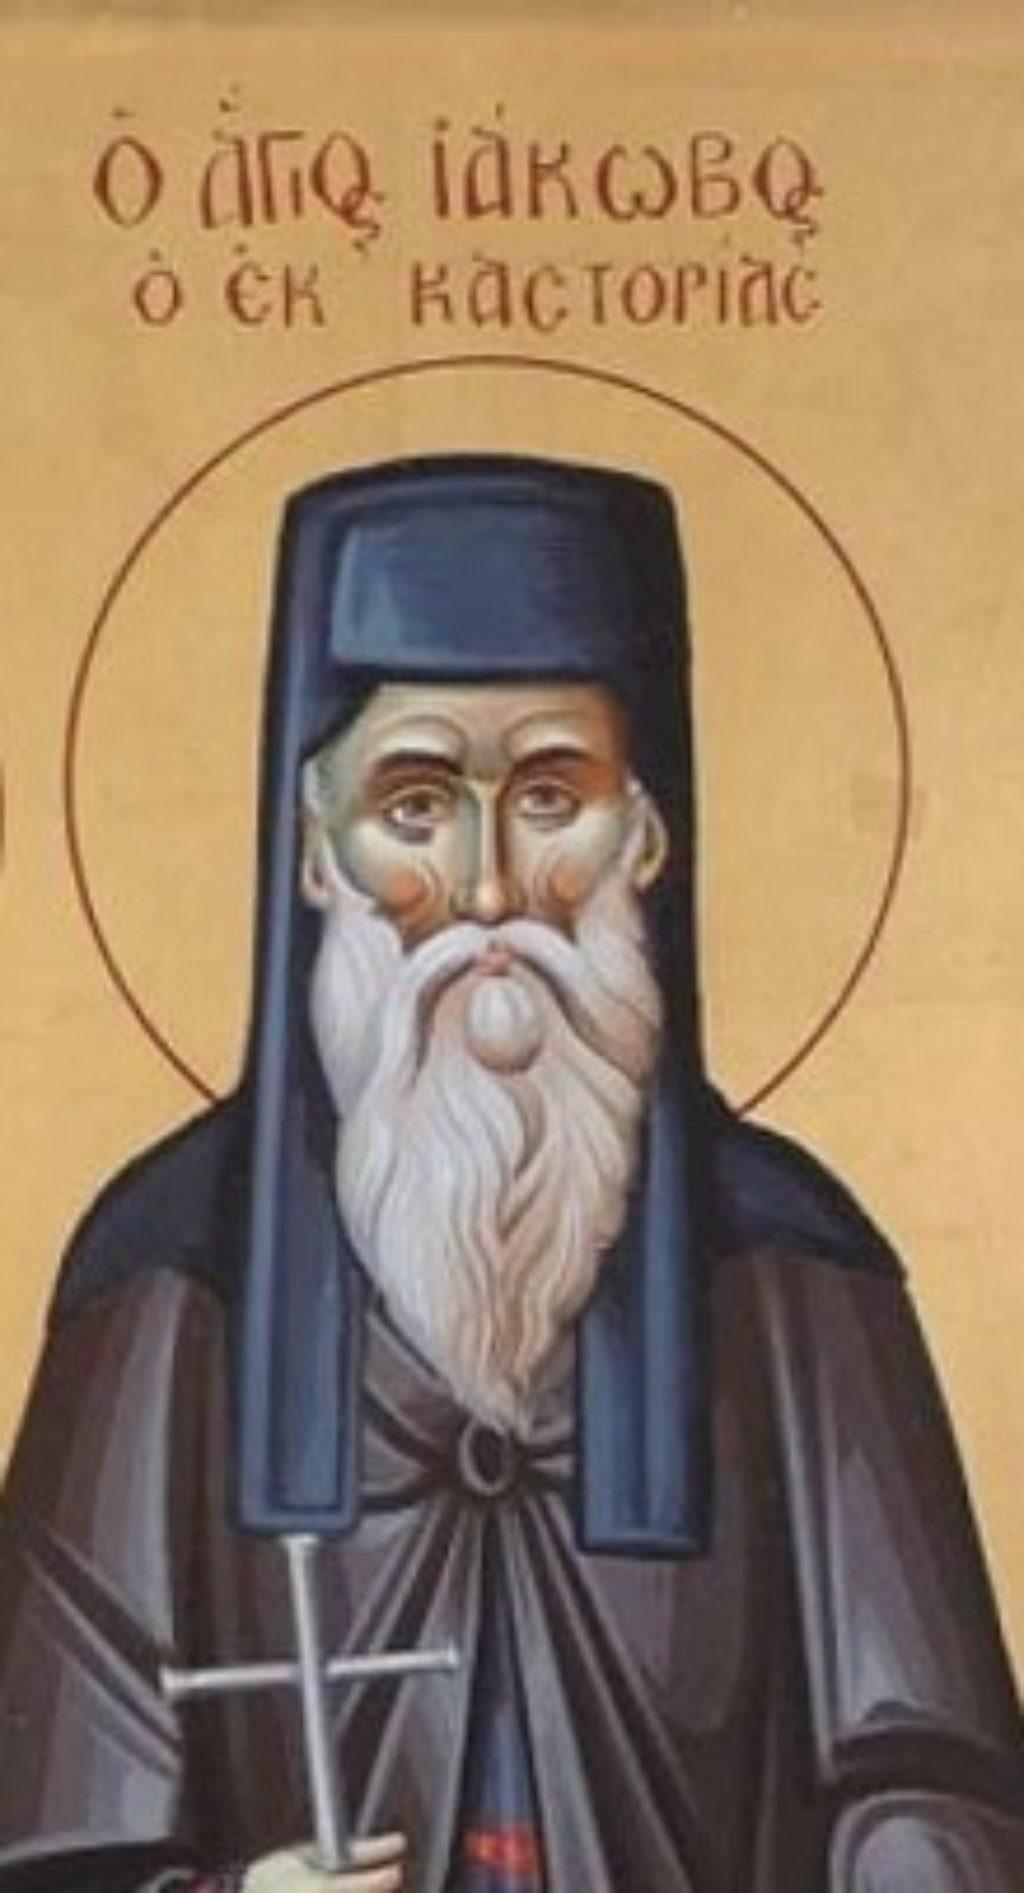 kastoria_agios_iakovos-1